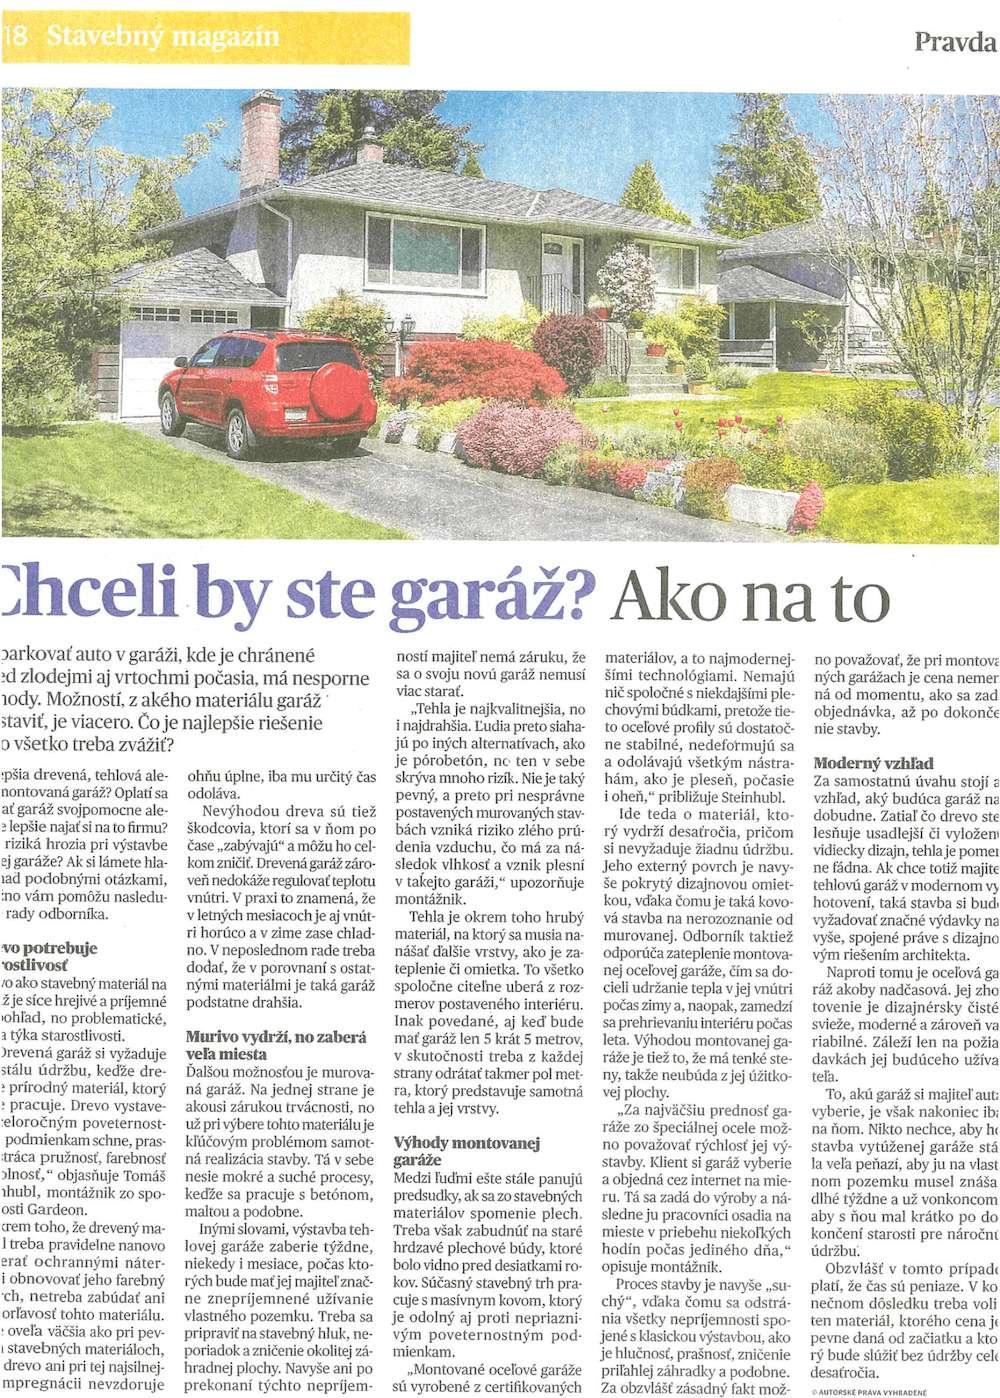 Článok v novinách Pravda